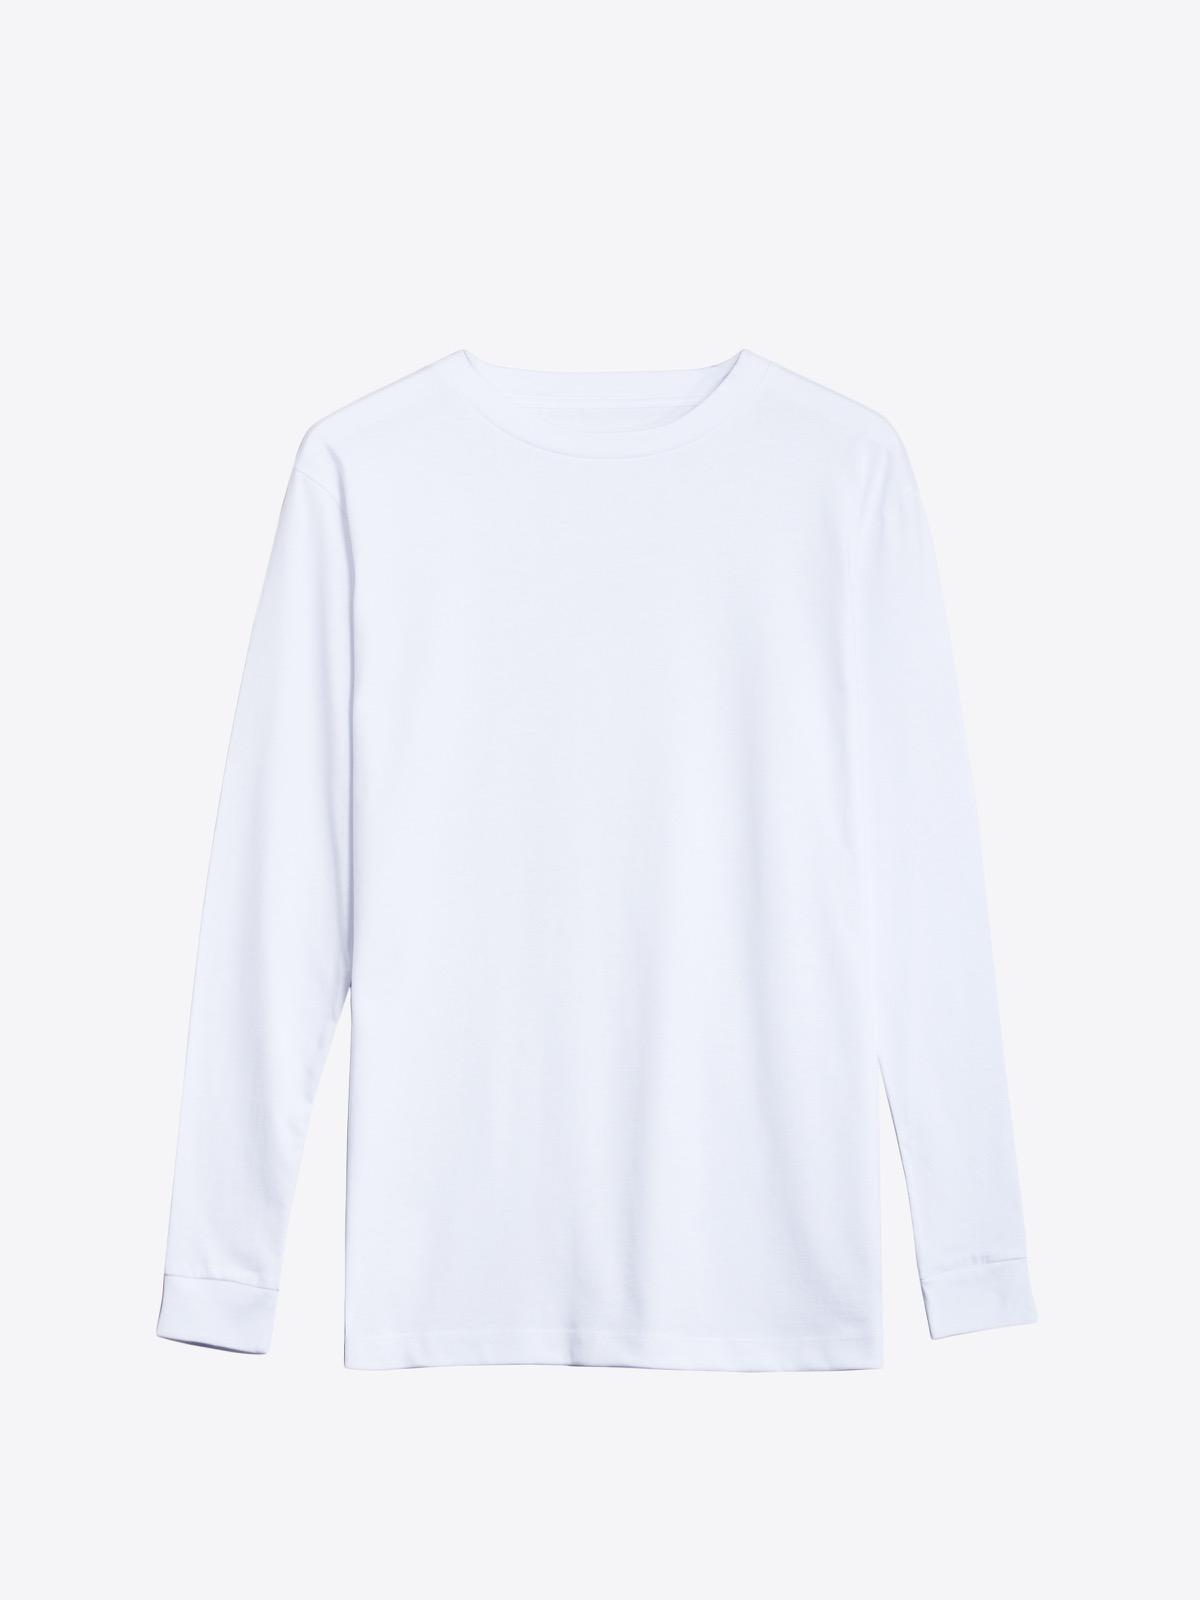 airbag craftworks longsleeve 01 blank | white